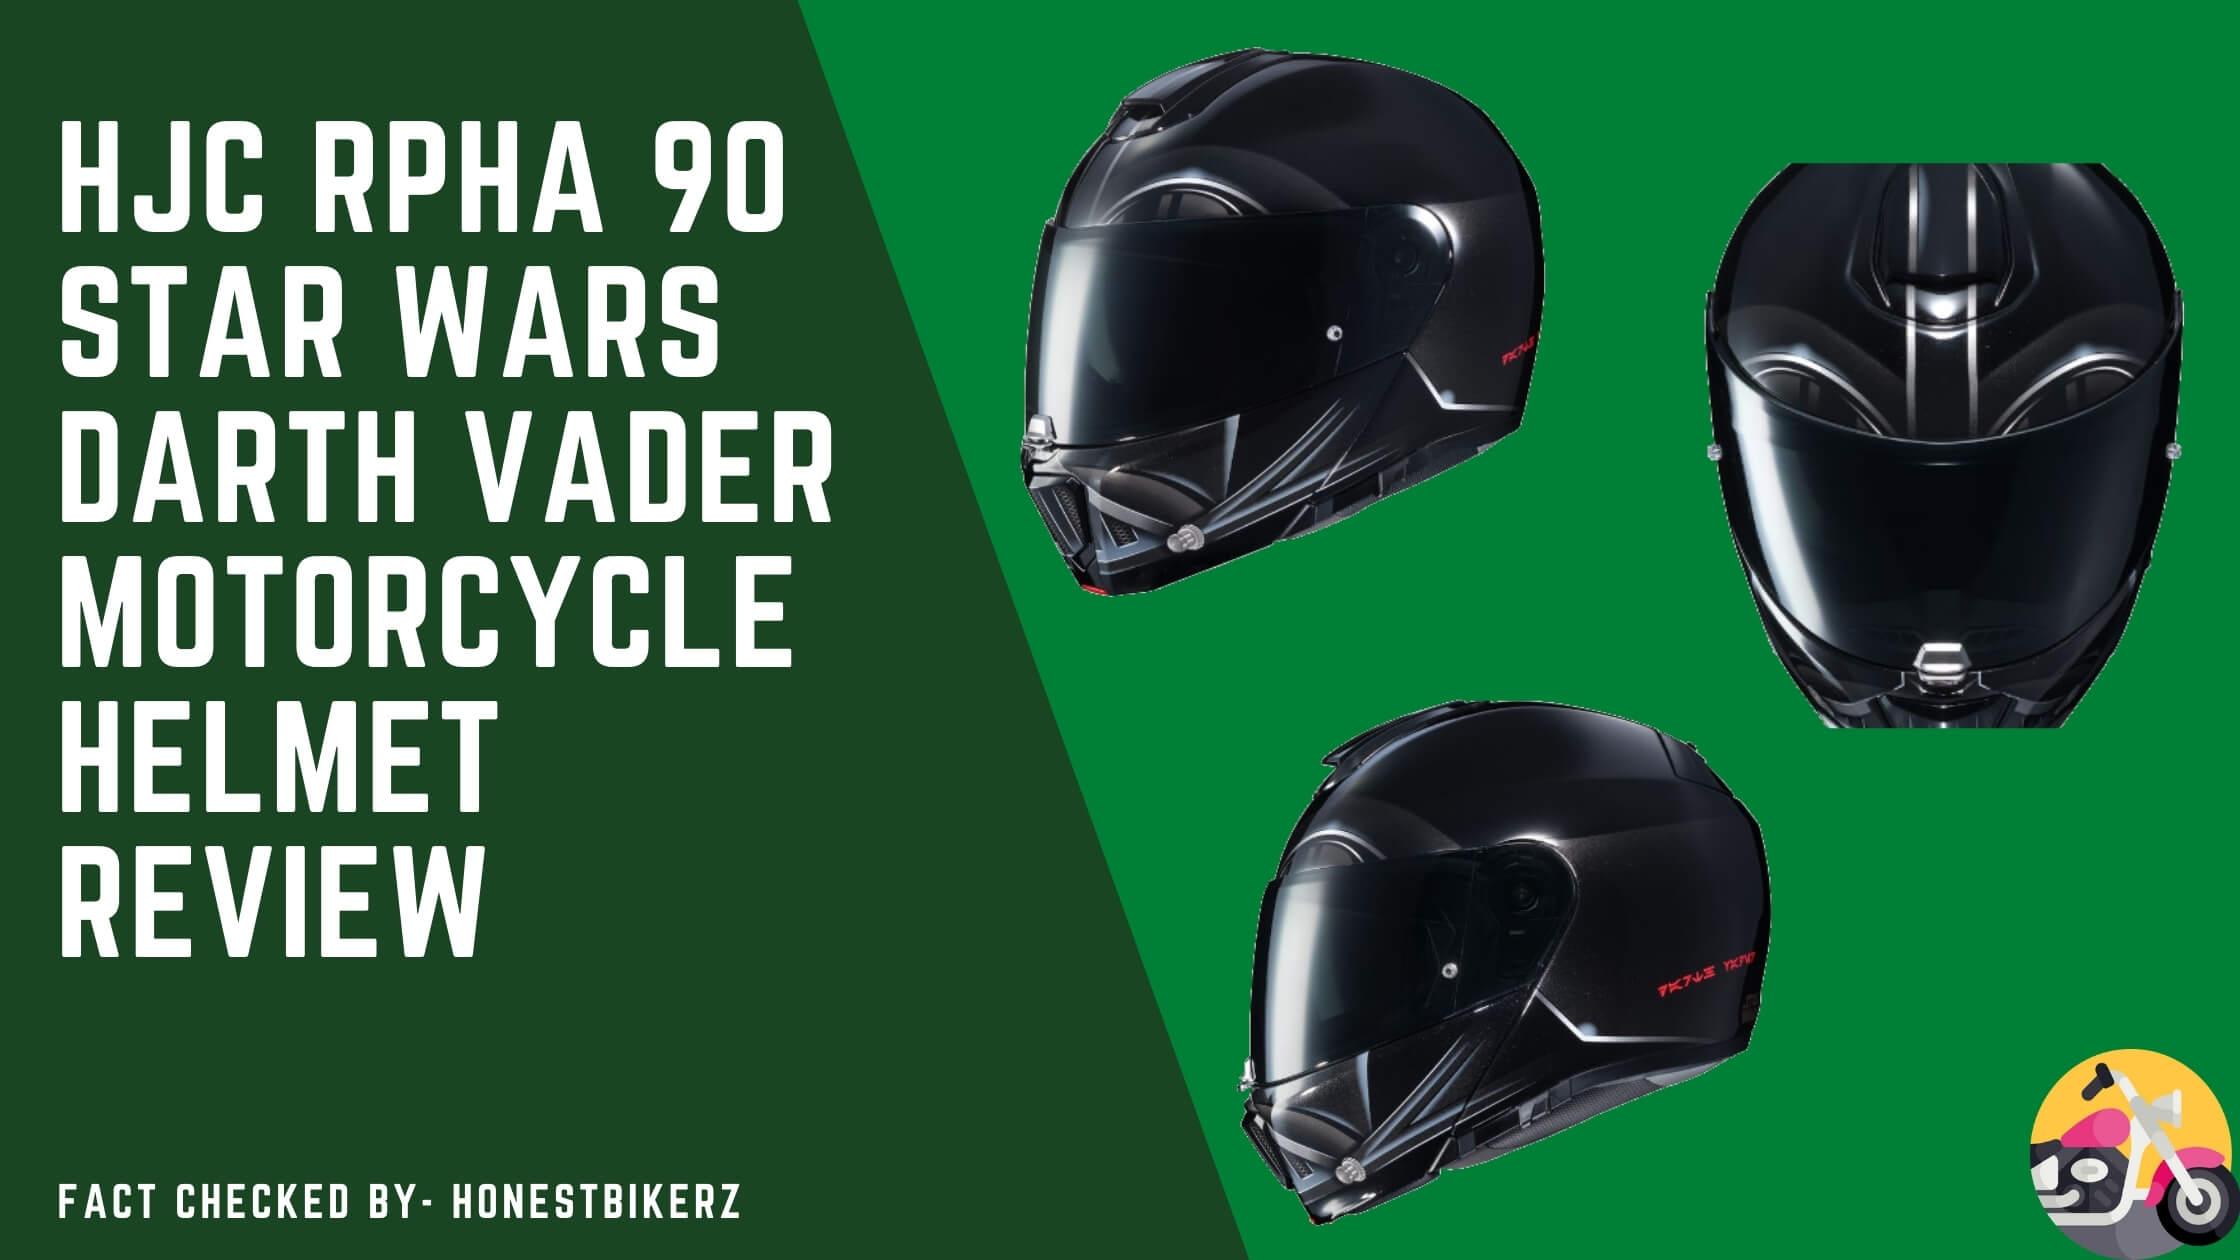 HJC RPHA 90 Star Wars Darth Vader Motorcycle Helmet Review